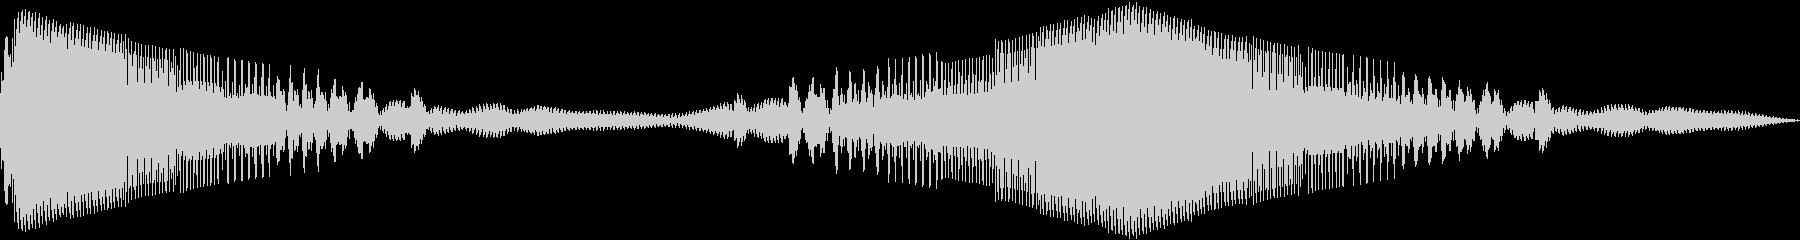 ランダム合成0610 ZGの未再生の波形